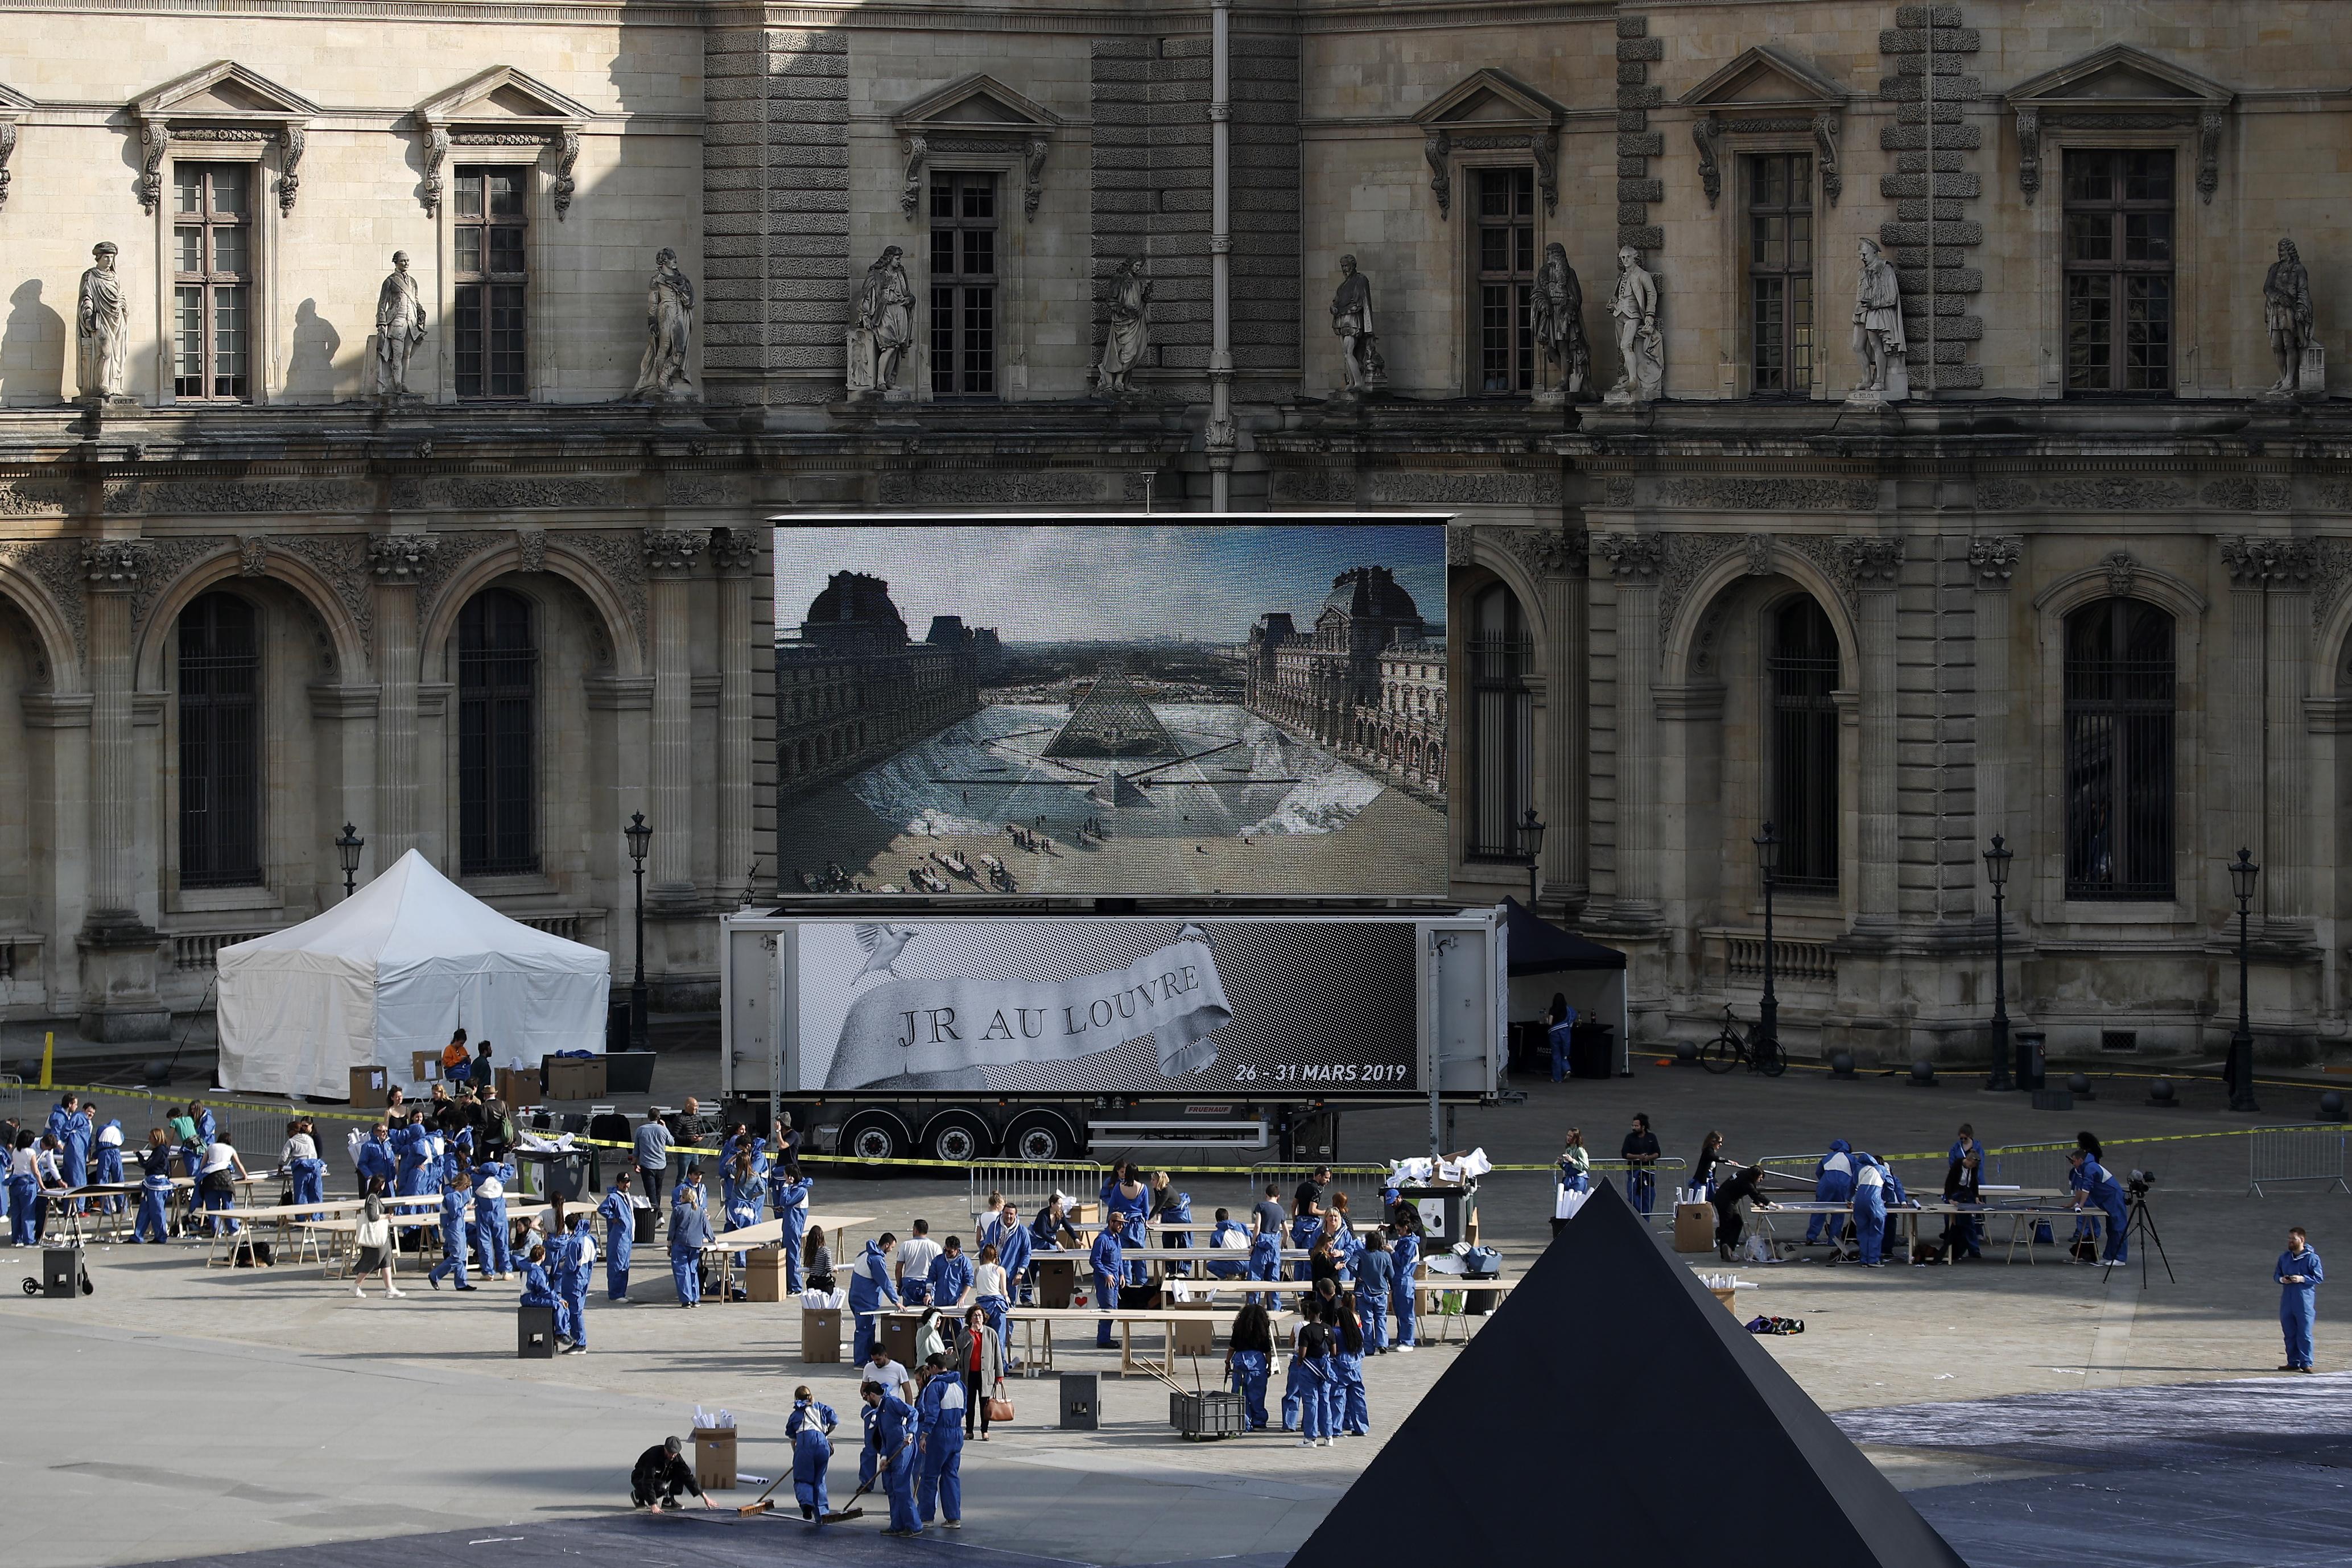 gallos-street-artist-apokalypse-tin-ayli-toy-napoleonta-stin-pyramida-toy-loyvroy-fotografies5